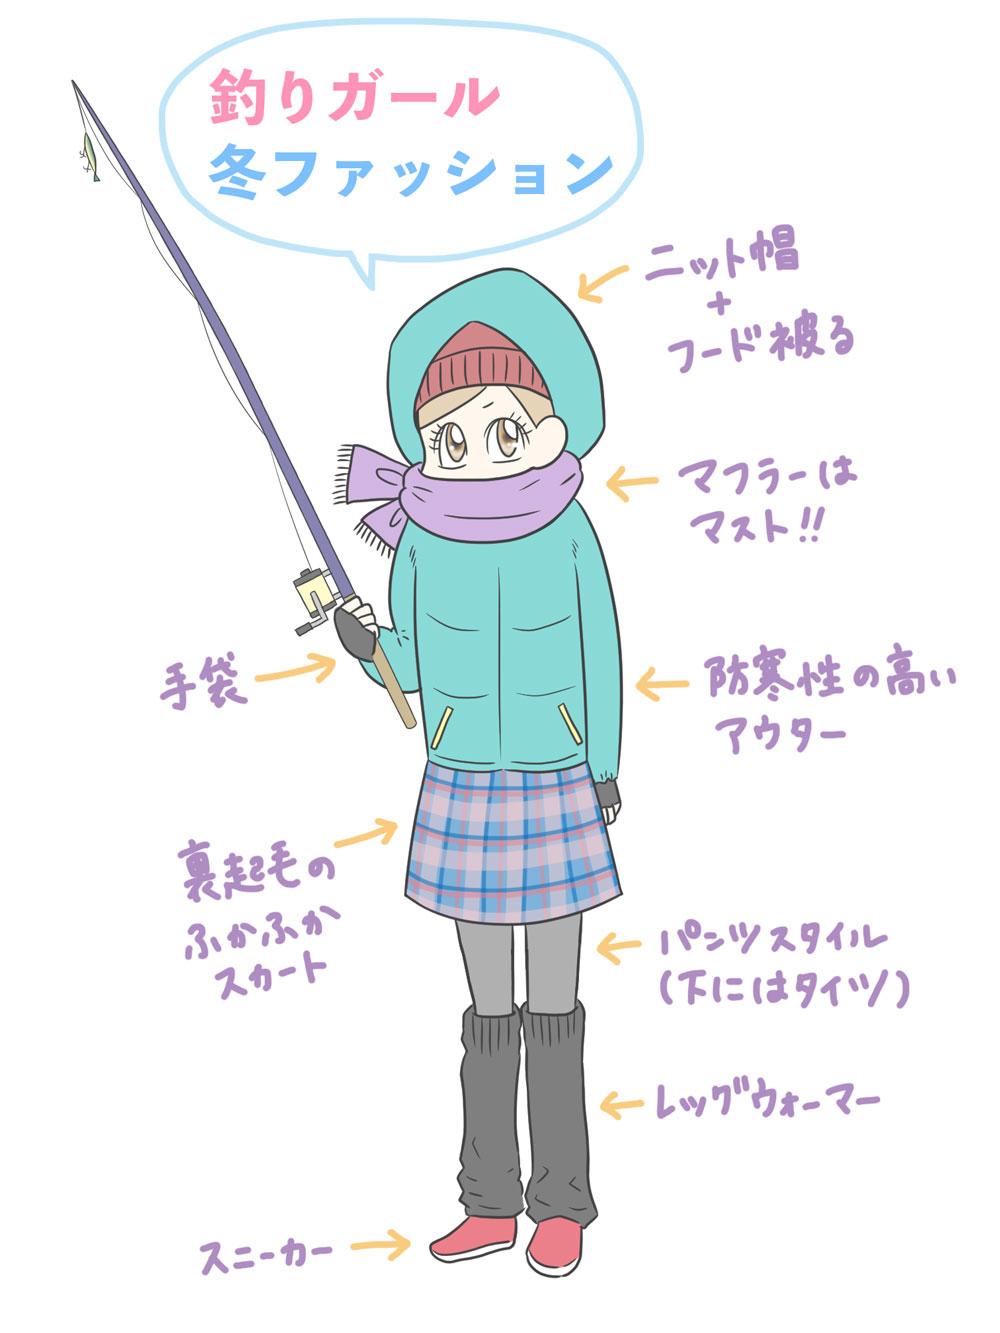 釣りガールの冬ファッション